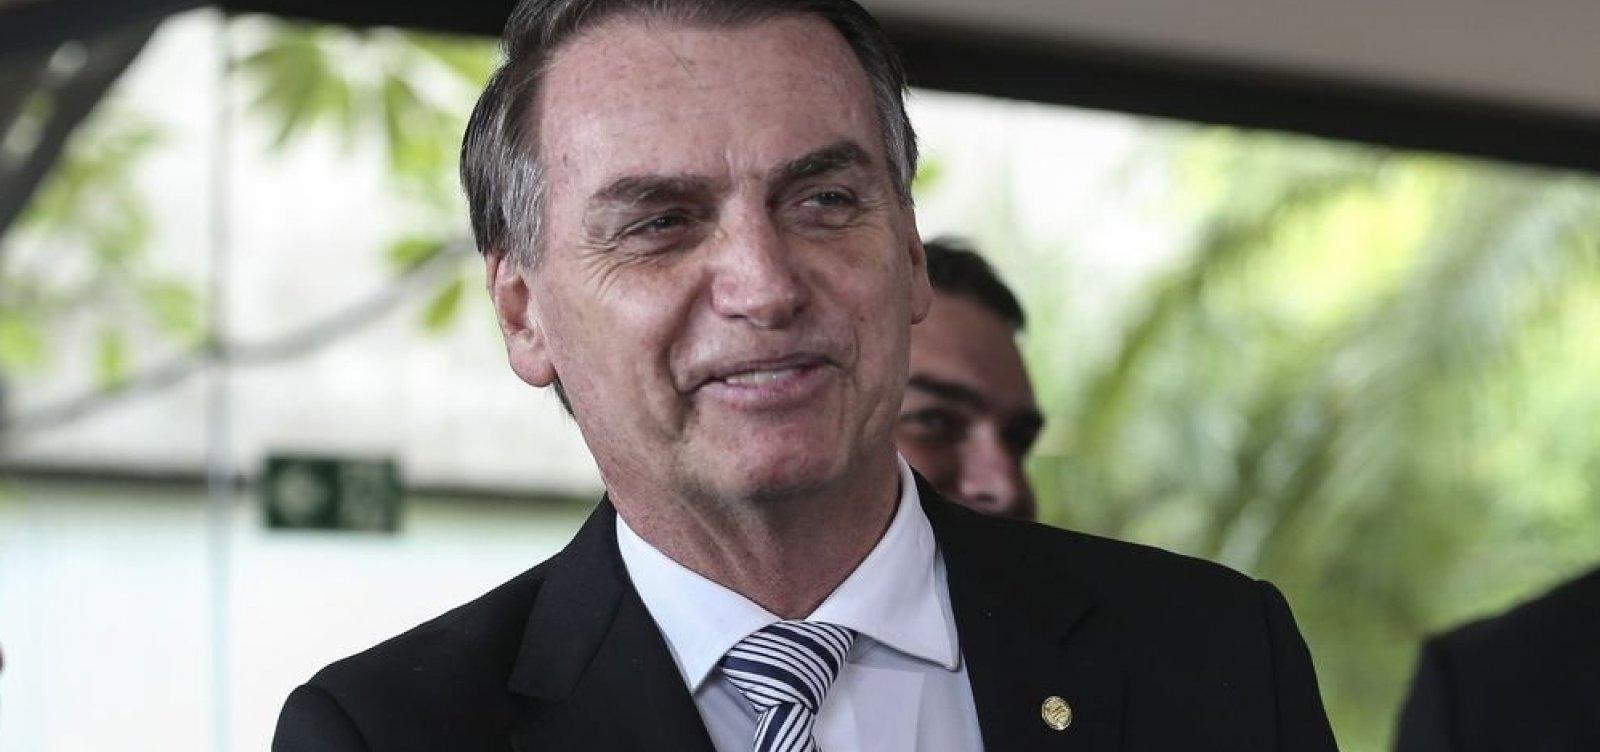 Futuro ministro do Meio Ambiente deverá facilitar a vida dos produtores agrícolas, diz Bolsonaro